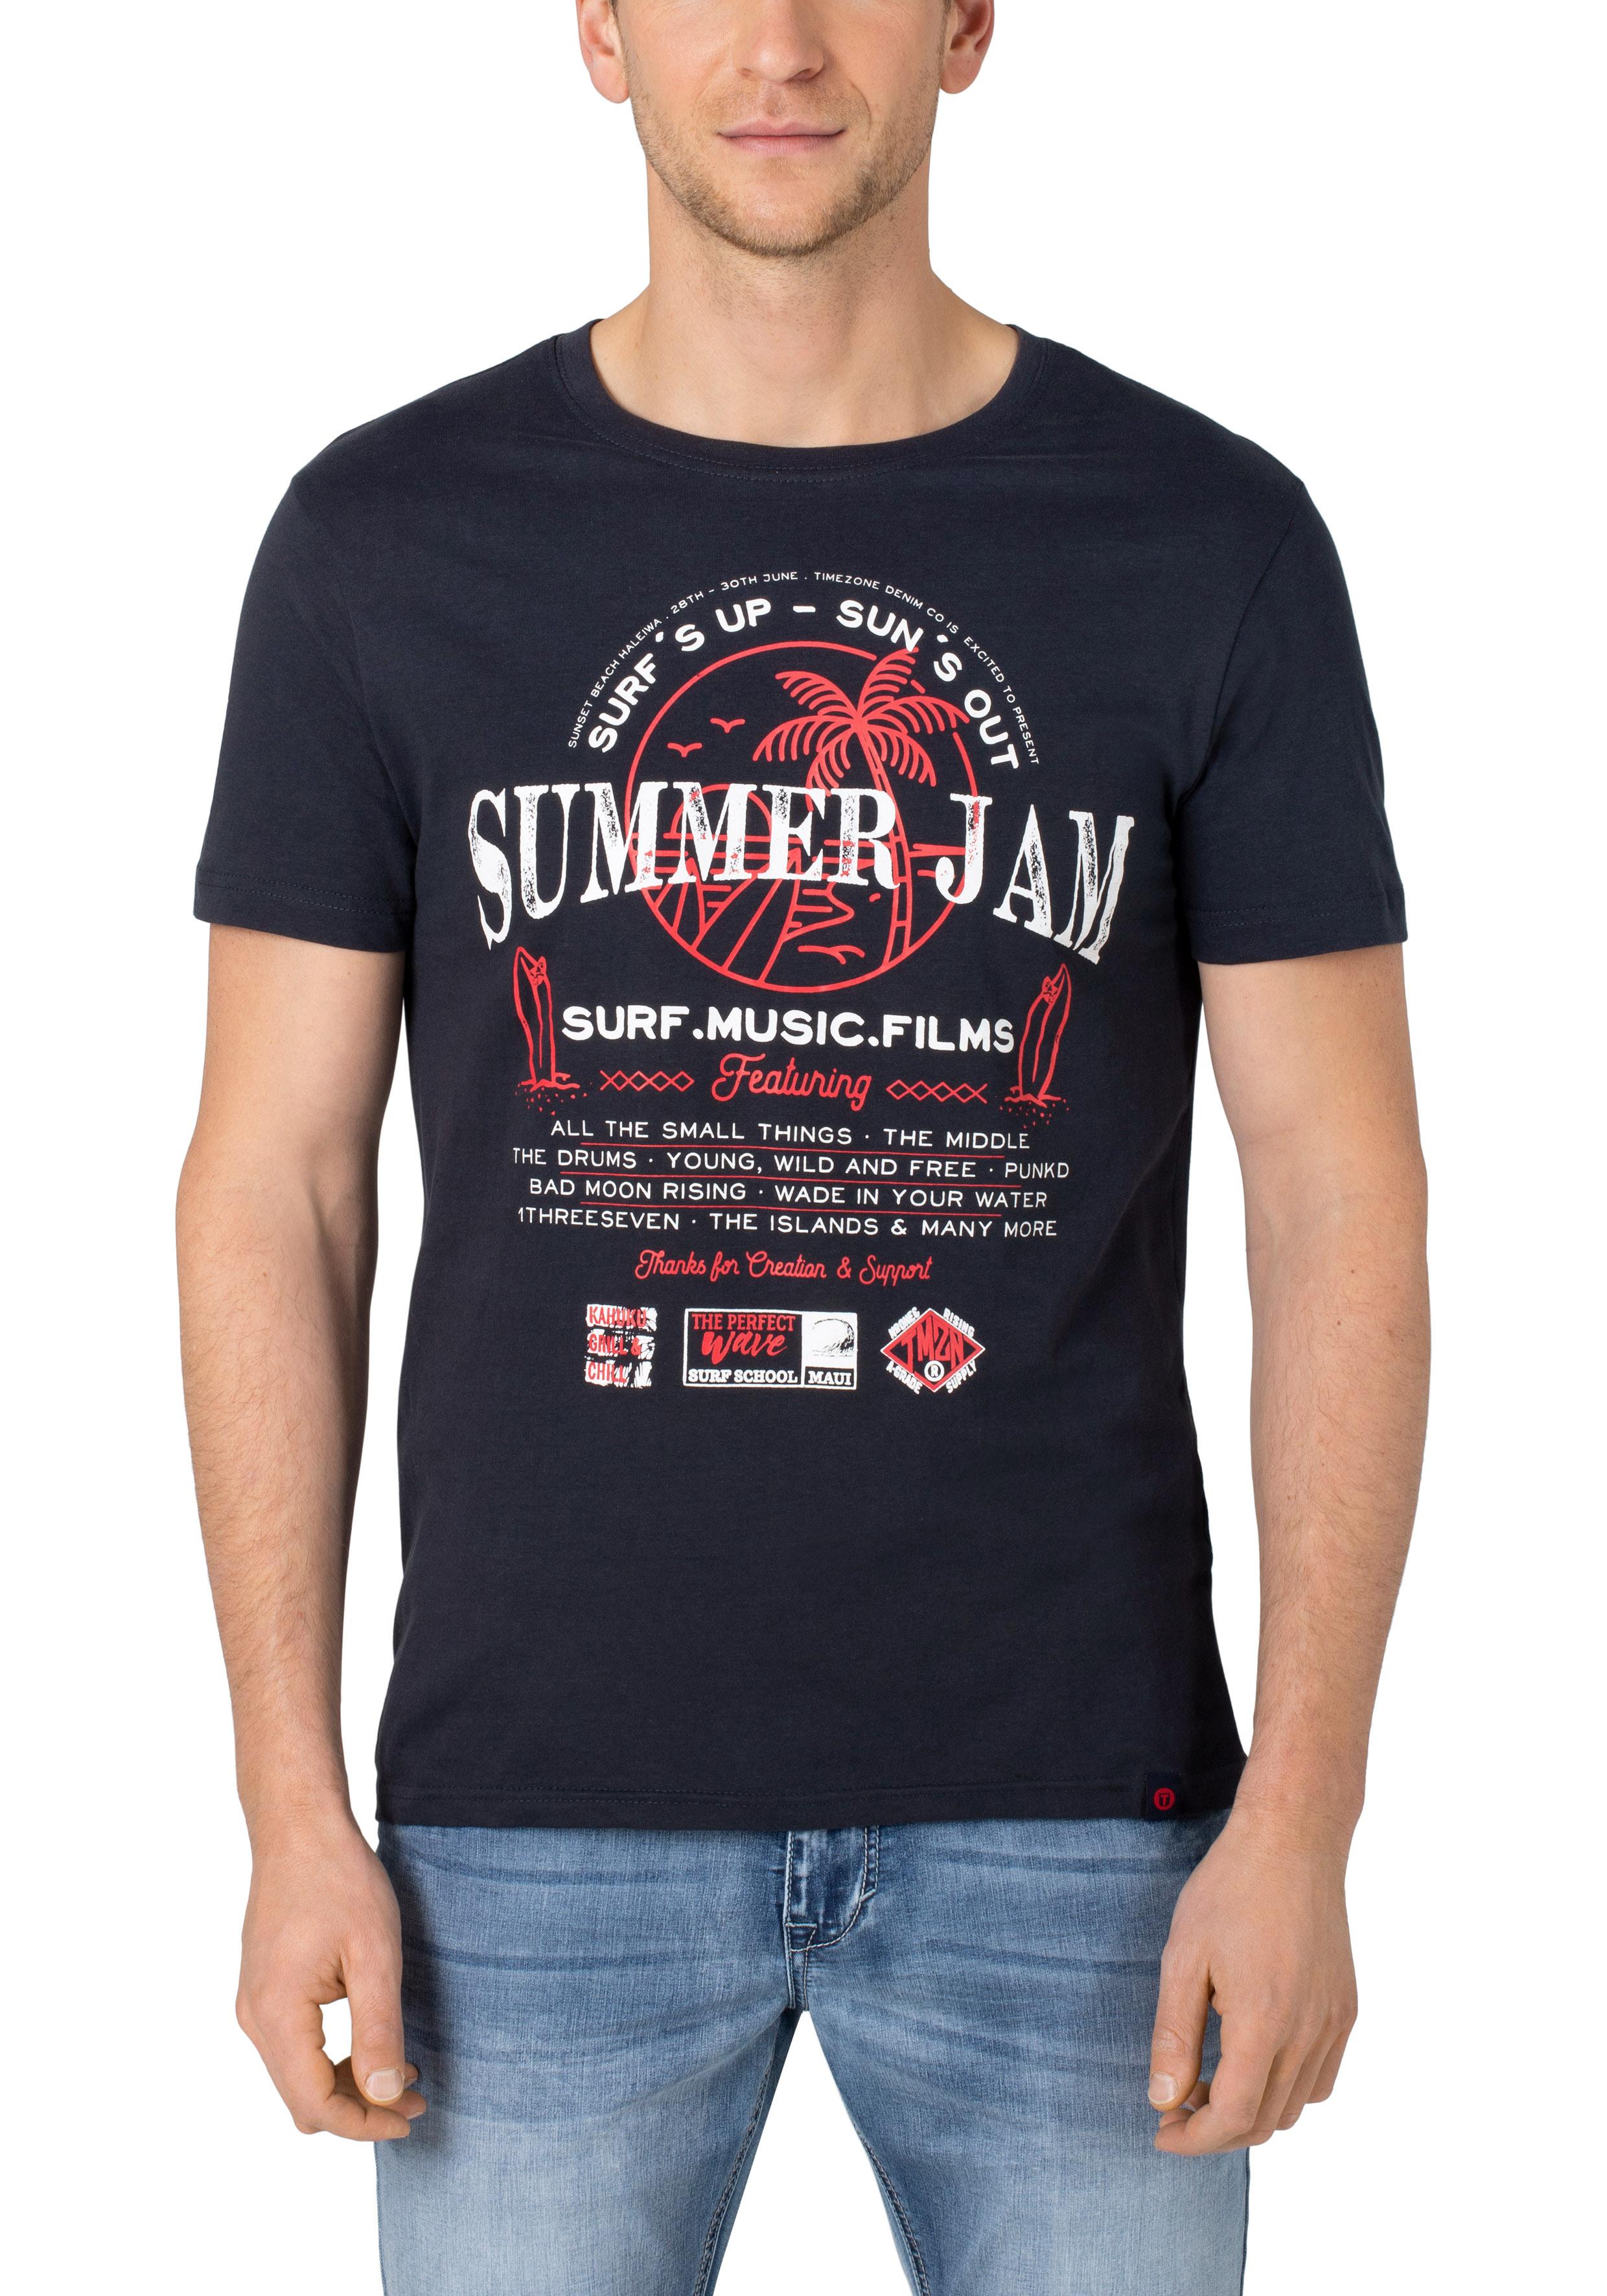 Summer Jam T-Shirt marine bei #Männermode #Schlangen in Grevenbroich #festival #summer #rock #surfin #beach